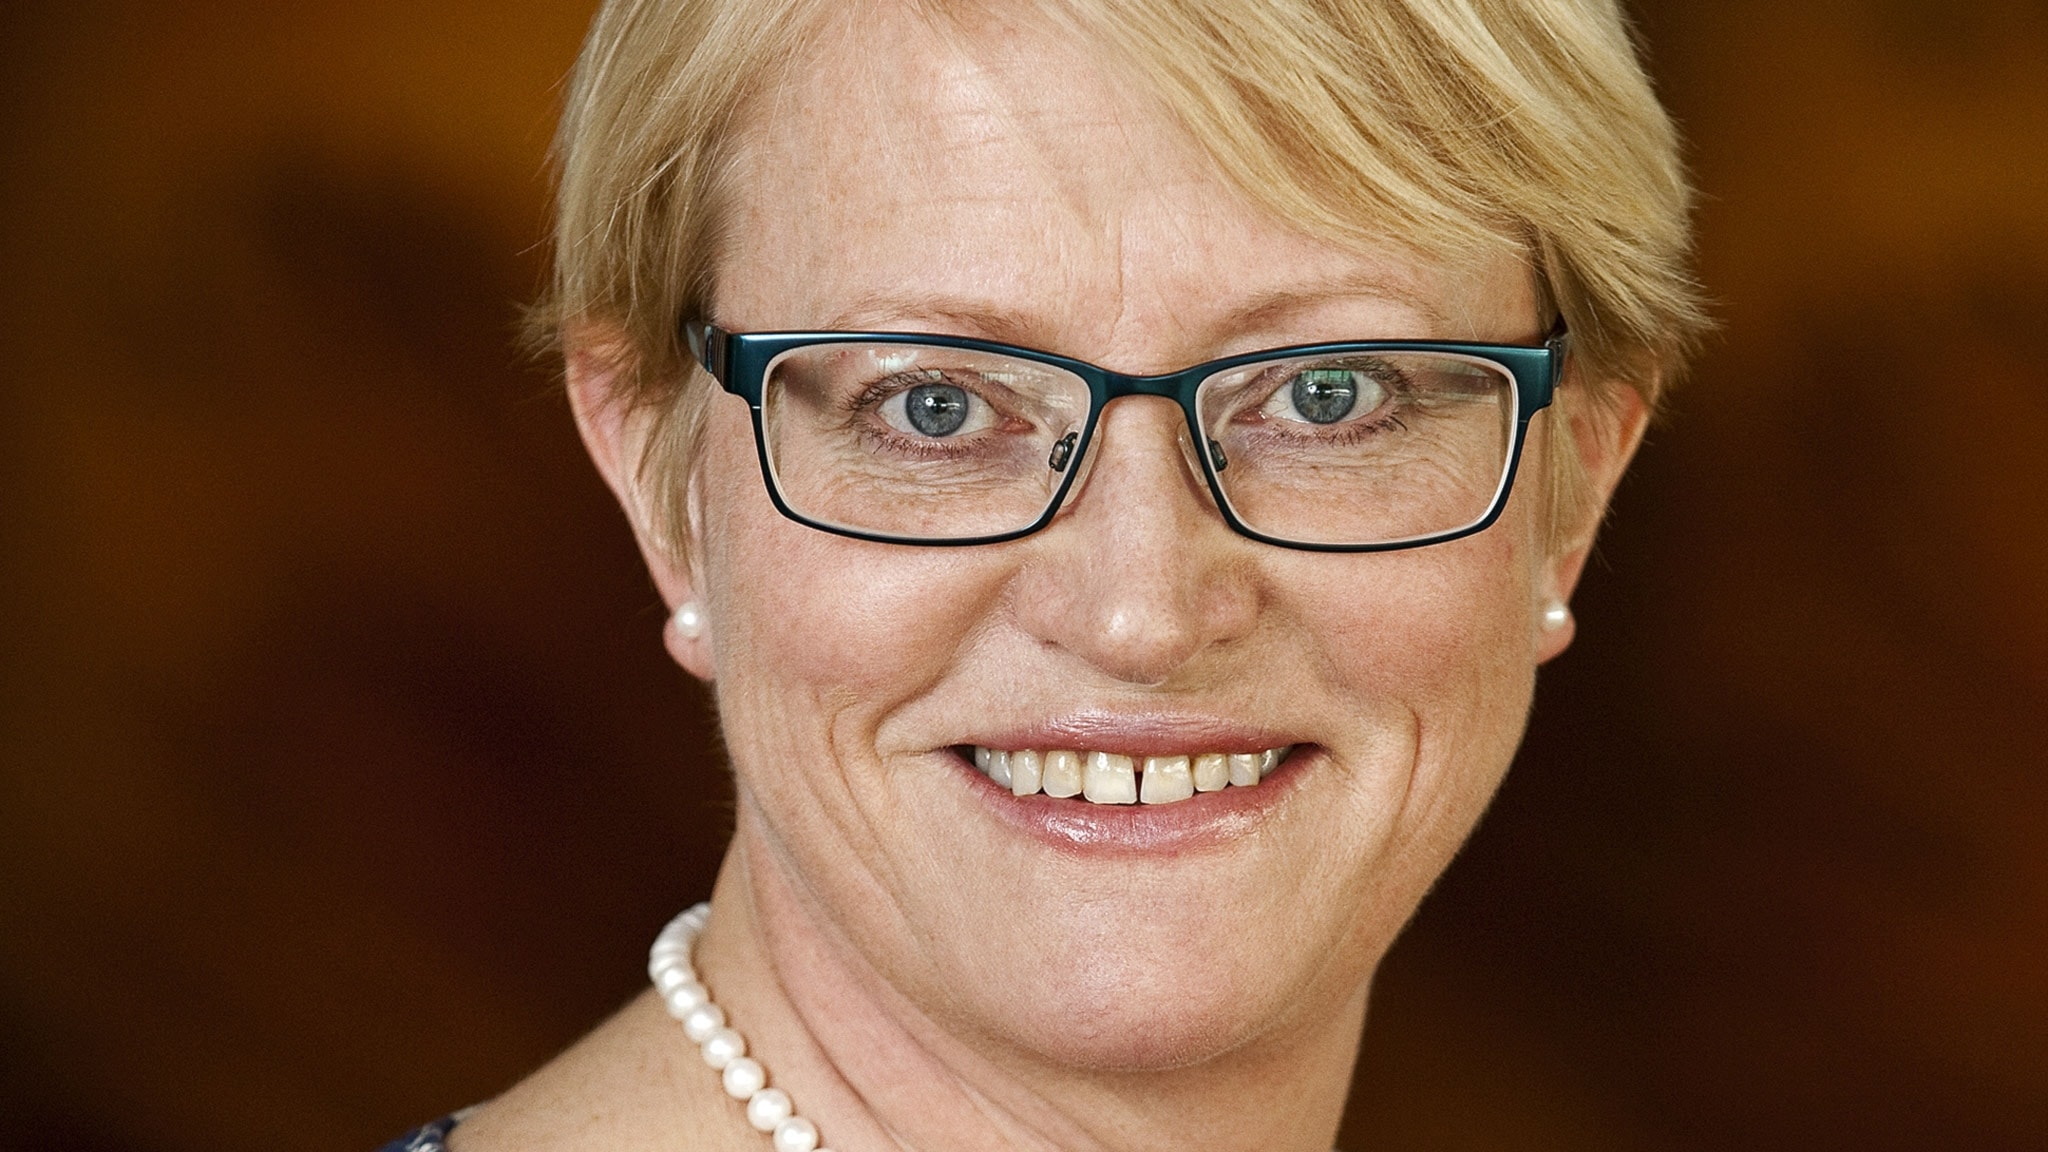 Ing-Marie Wieselgren - Varför skräms ni så mycket?